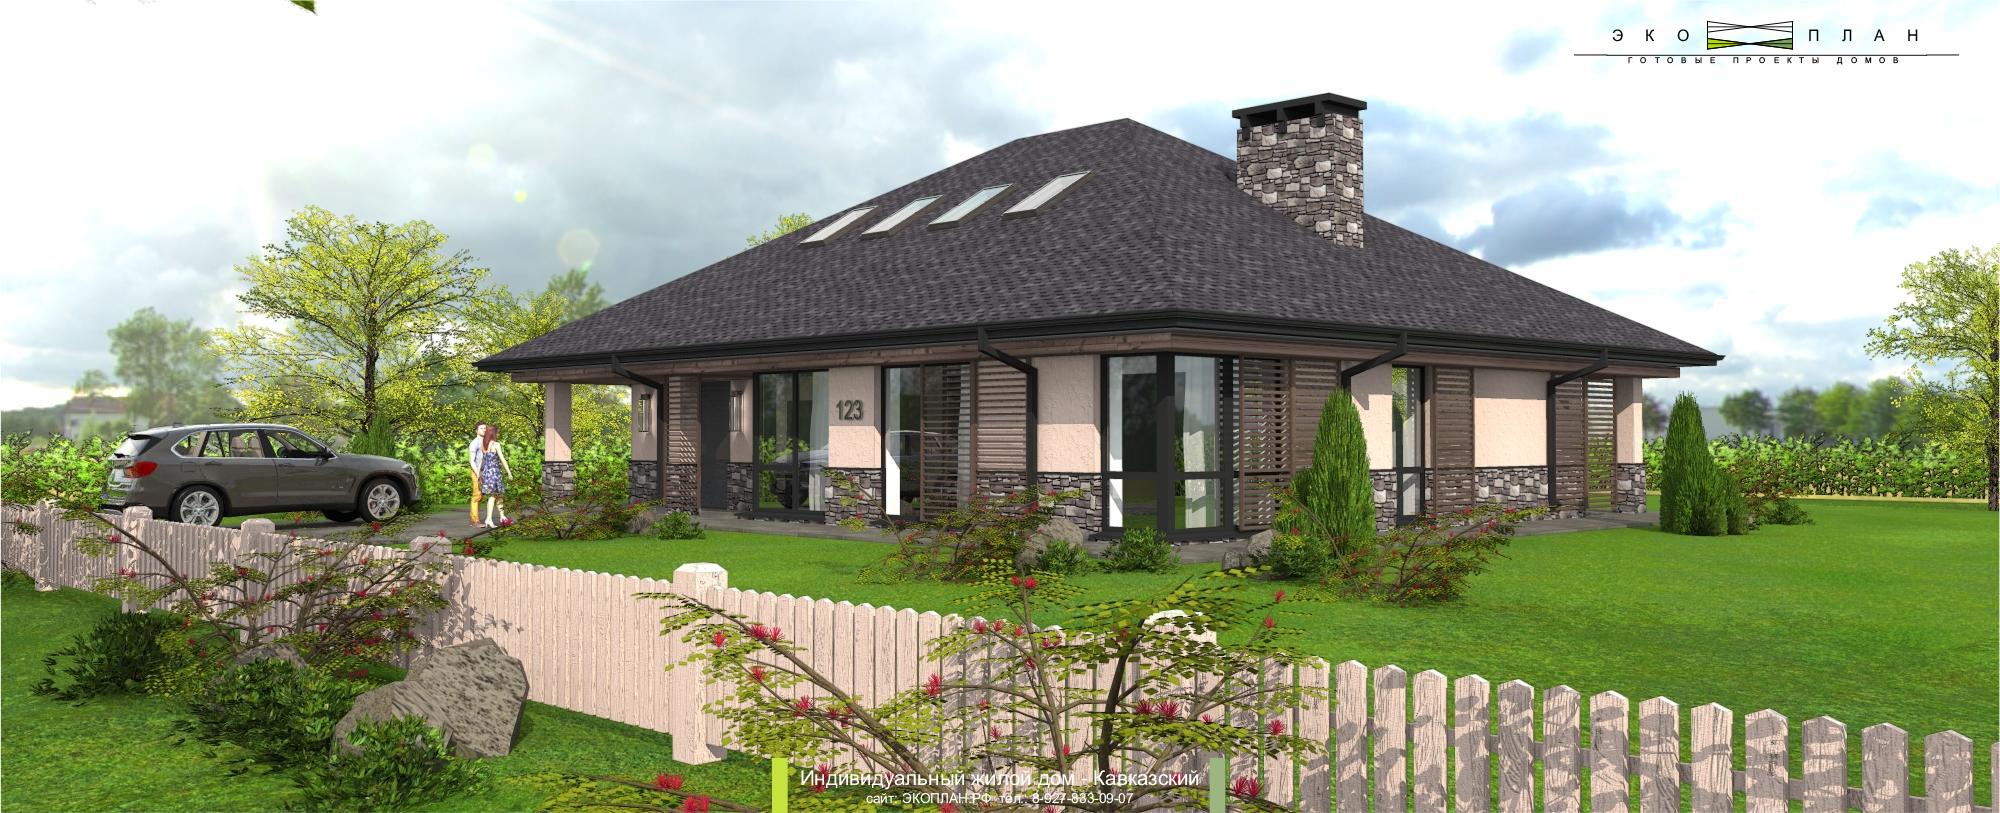 Готовый проект дома - Кавказский - Ульяновск фасад